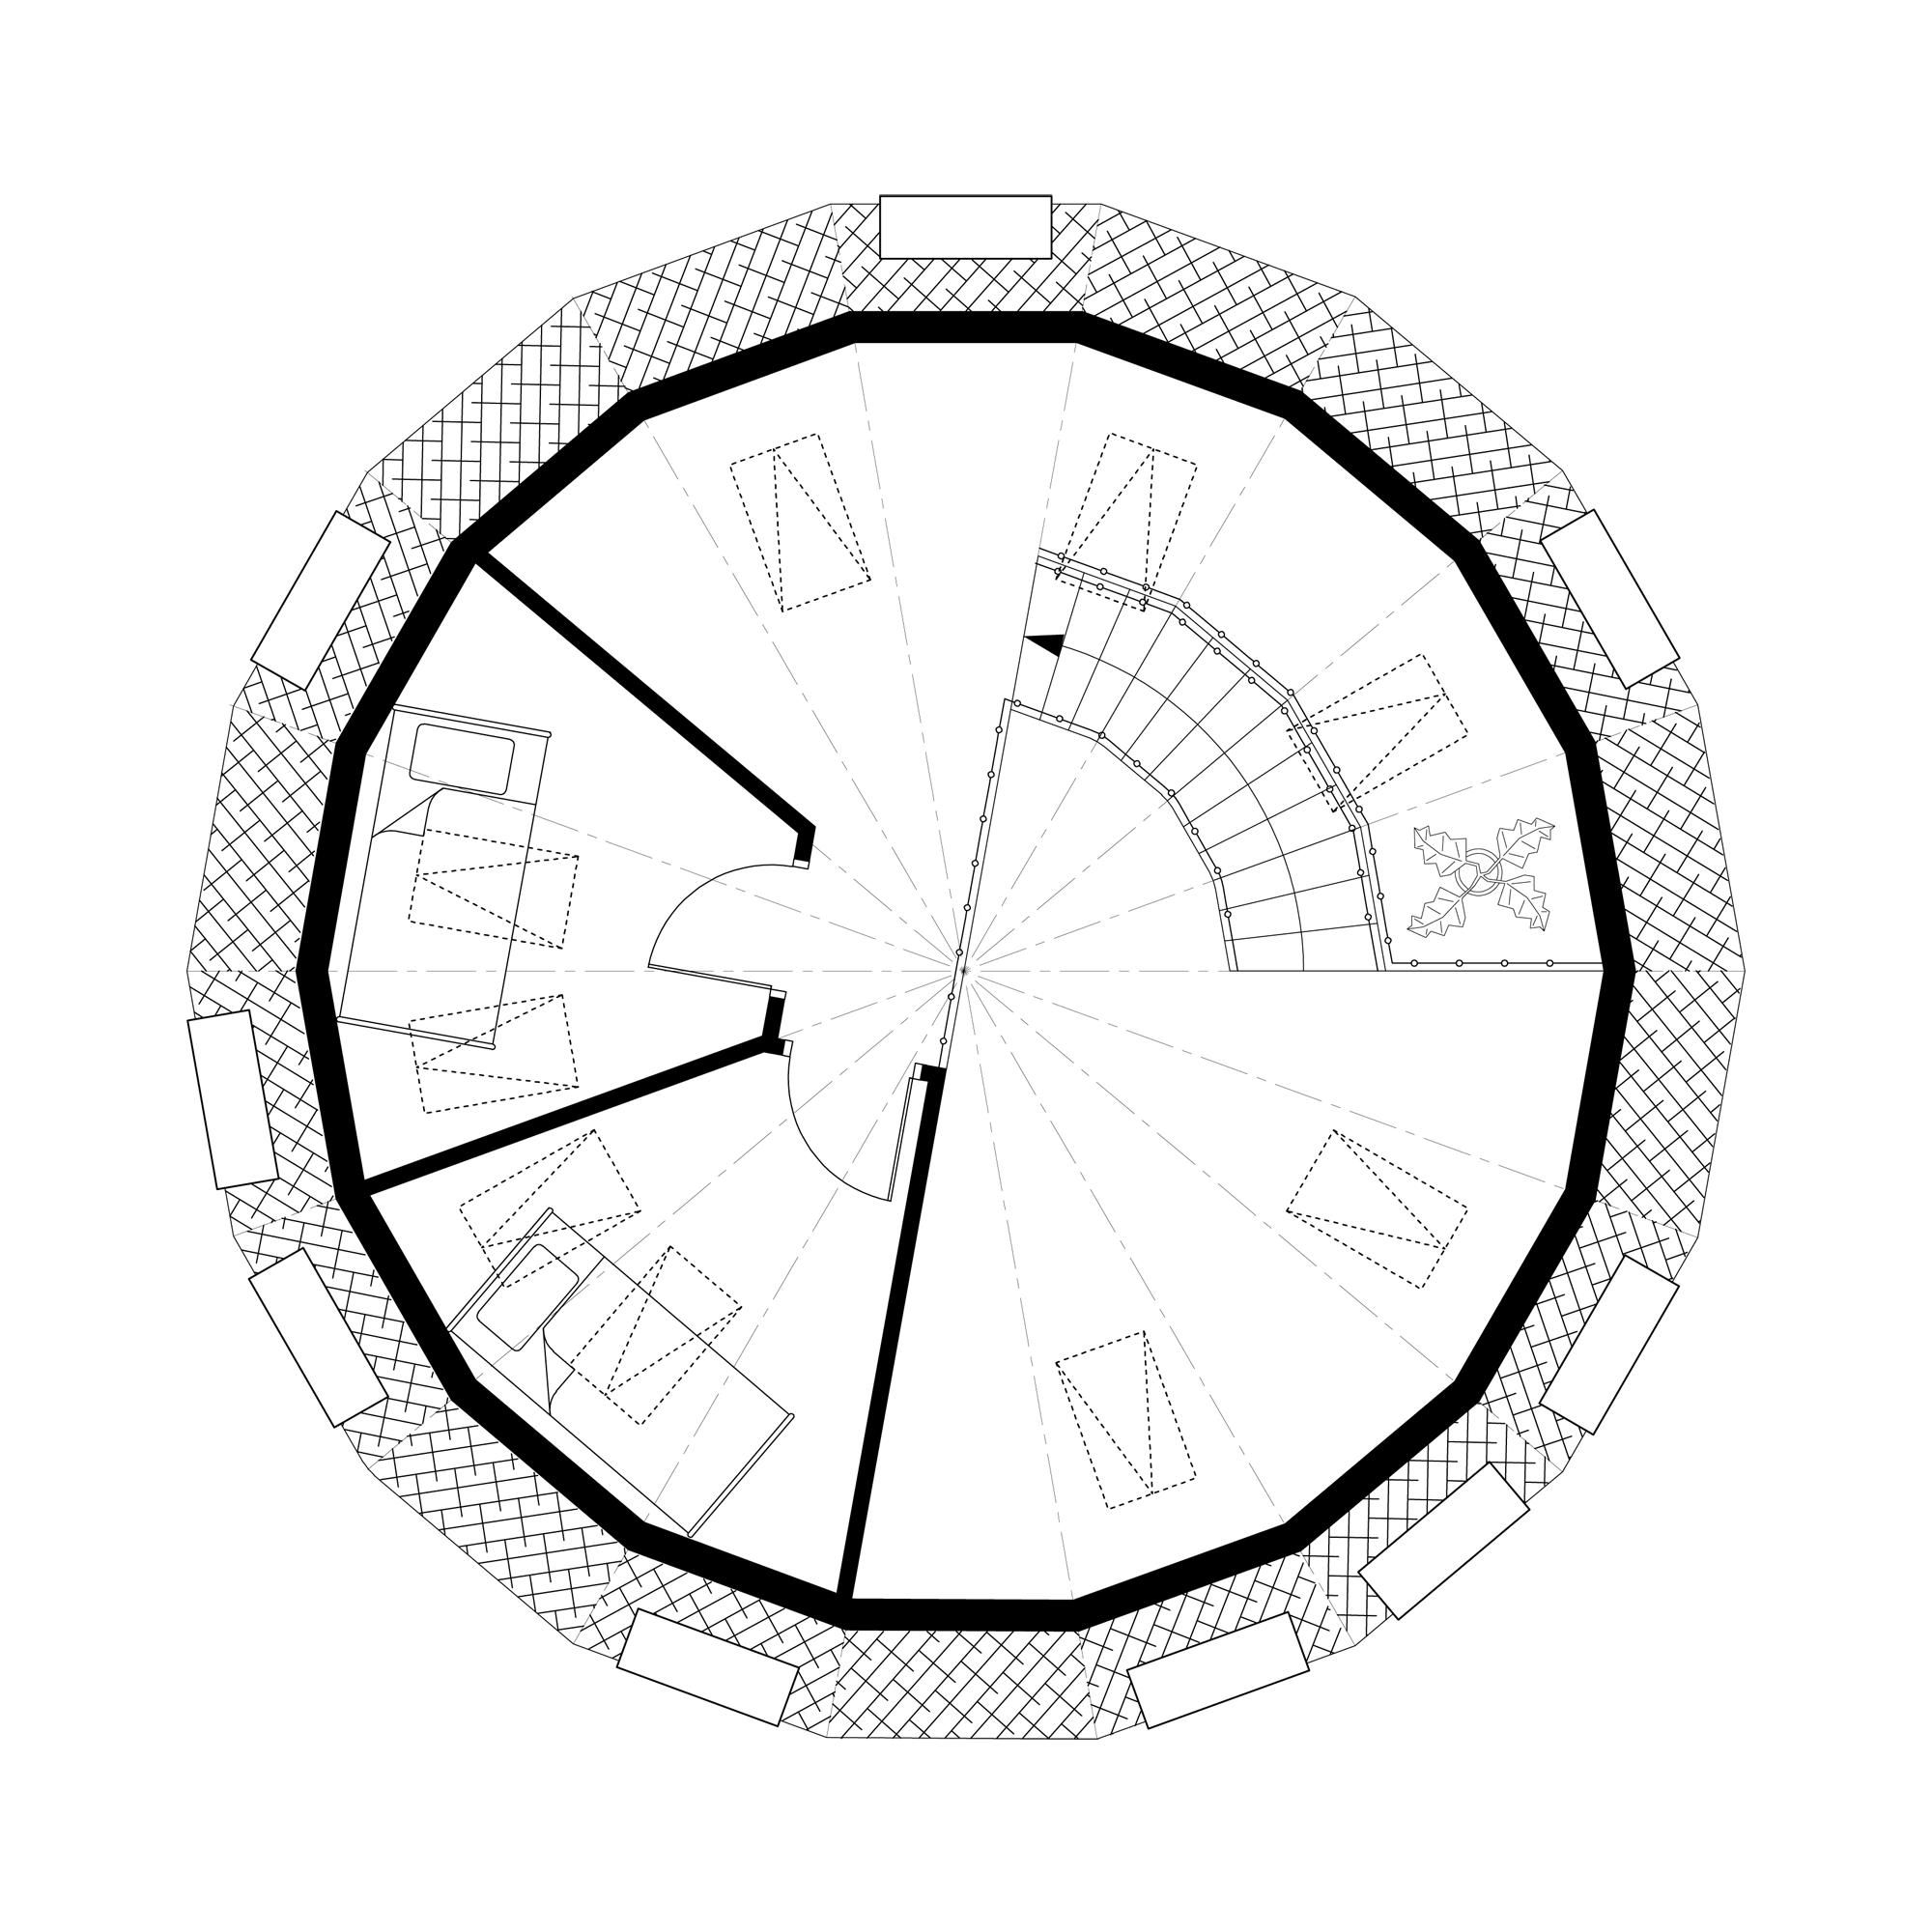 stroitelstvo-doma-sferi-v-permi-planirovka.png - 622.65 kB